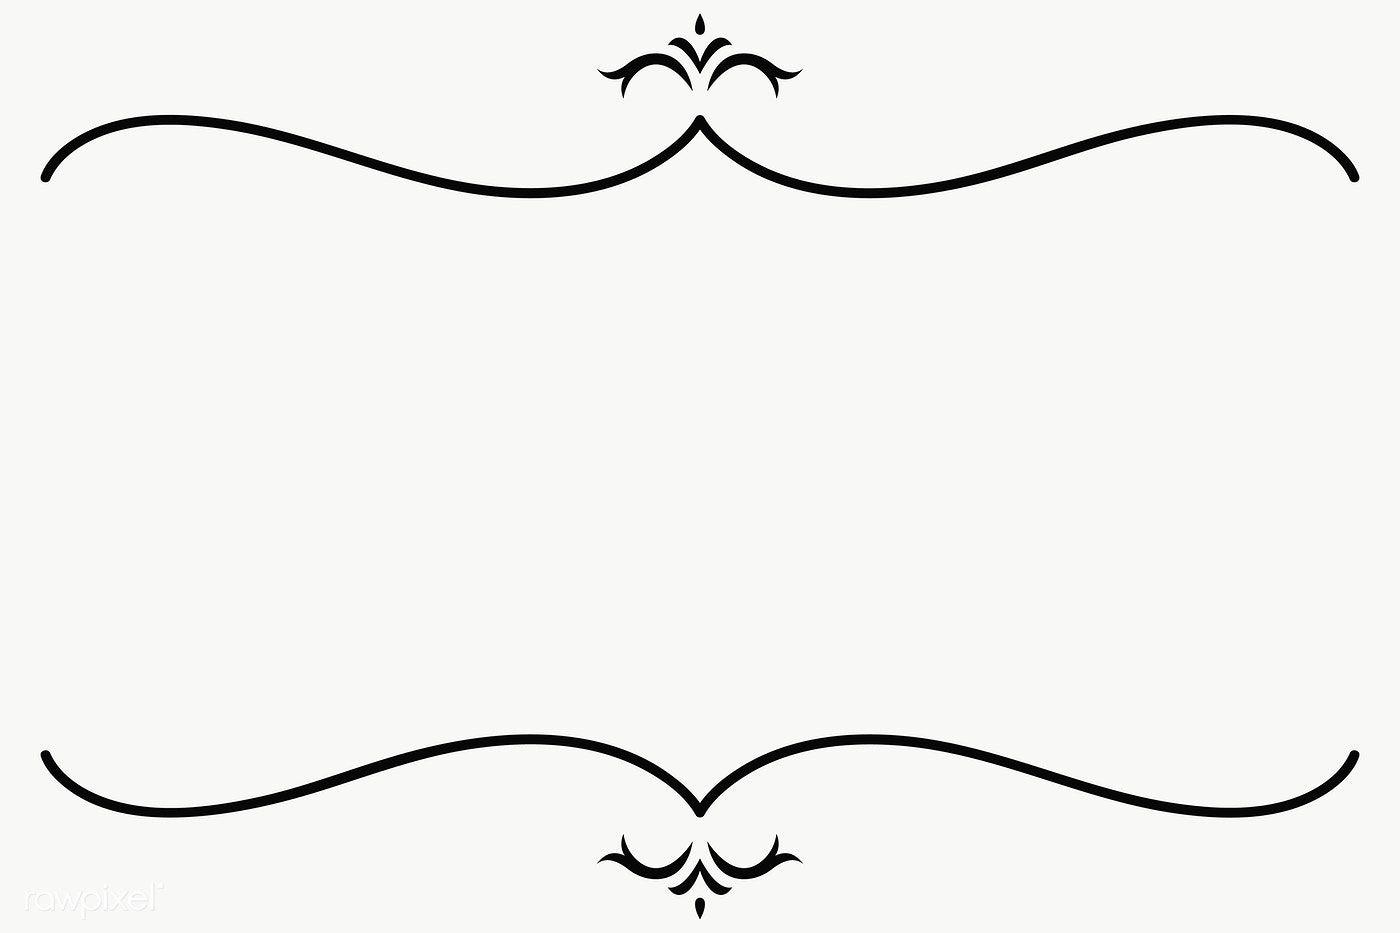 Download Premium Png Of Vintage Line Border Transparent Png 2021350 Frame Border Design Image Fun Vintage Ribbon